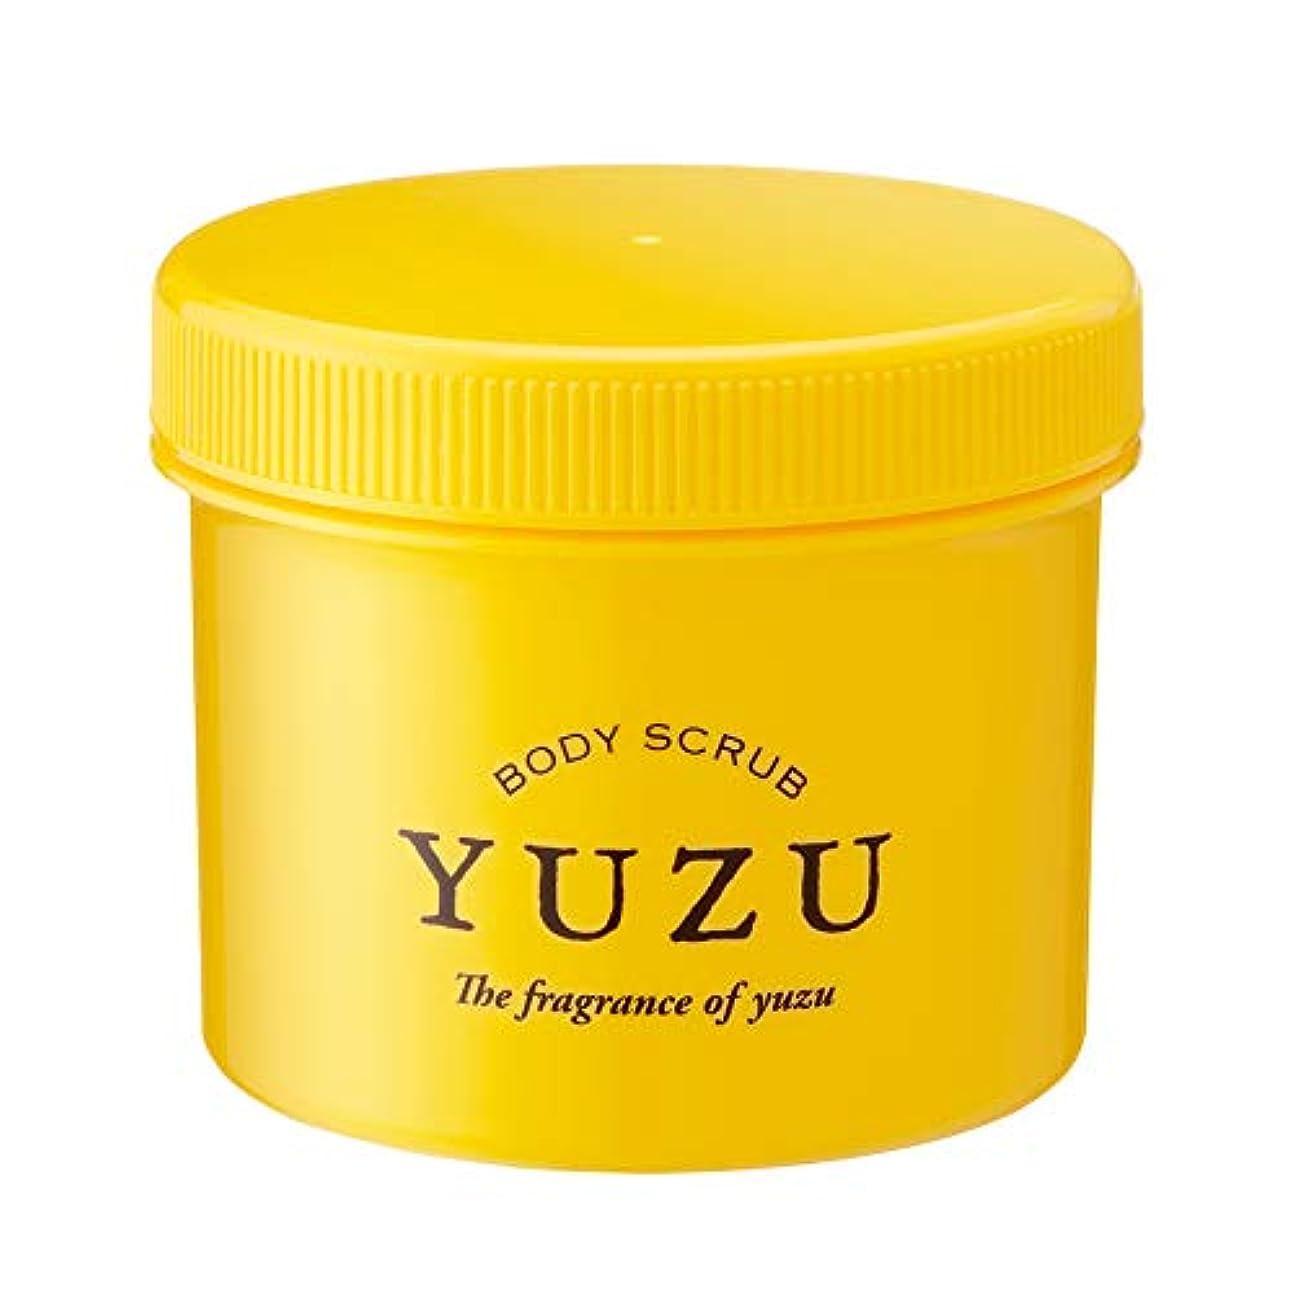 バレーボール嵐引き出し(美健)ビケン YUZU ボディマッサージスクラブ 高知県ゆず精油のみで香り付け